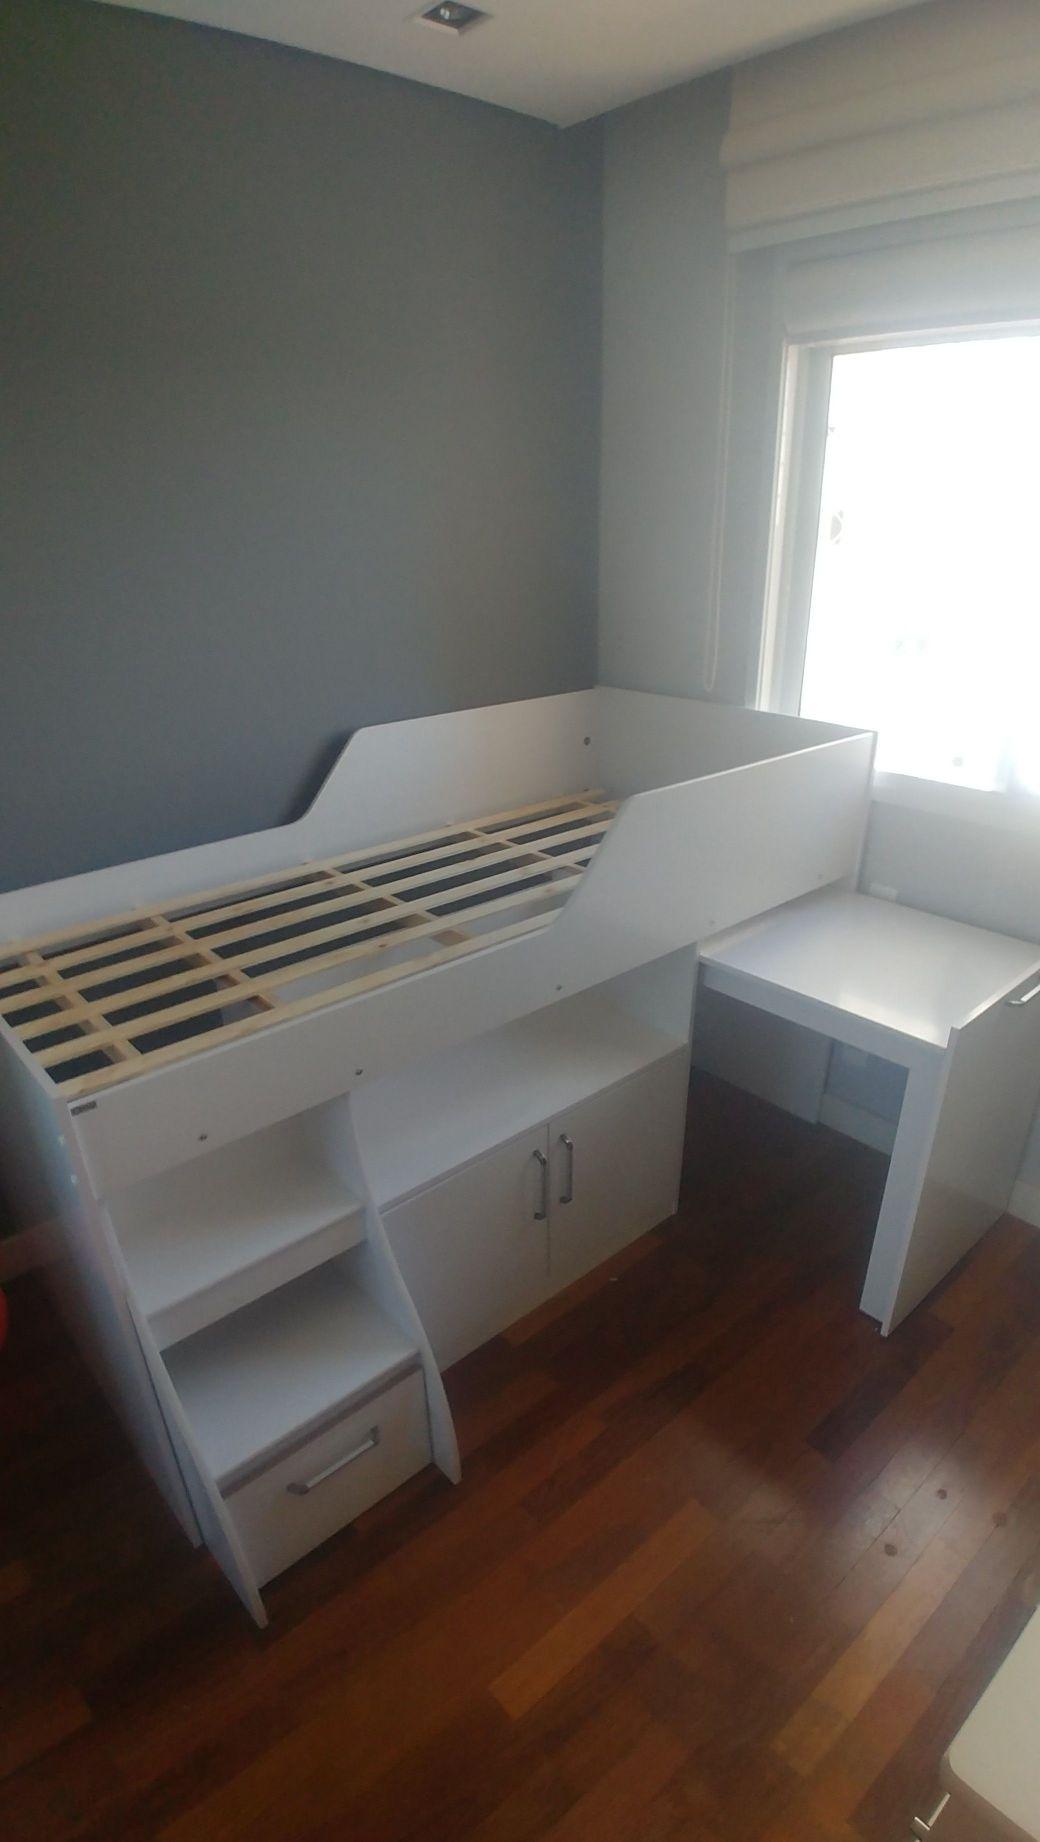 cama com baú e escrivaninha